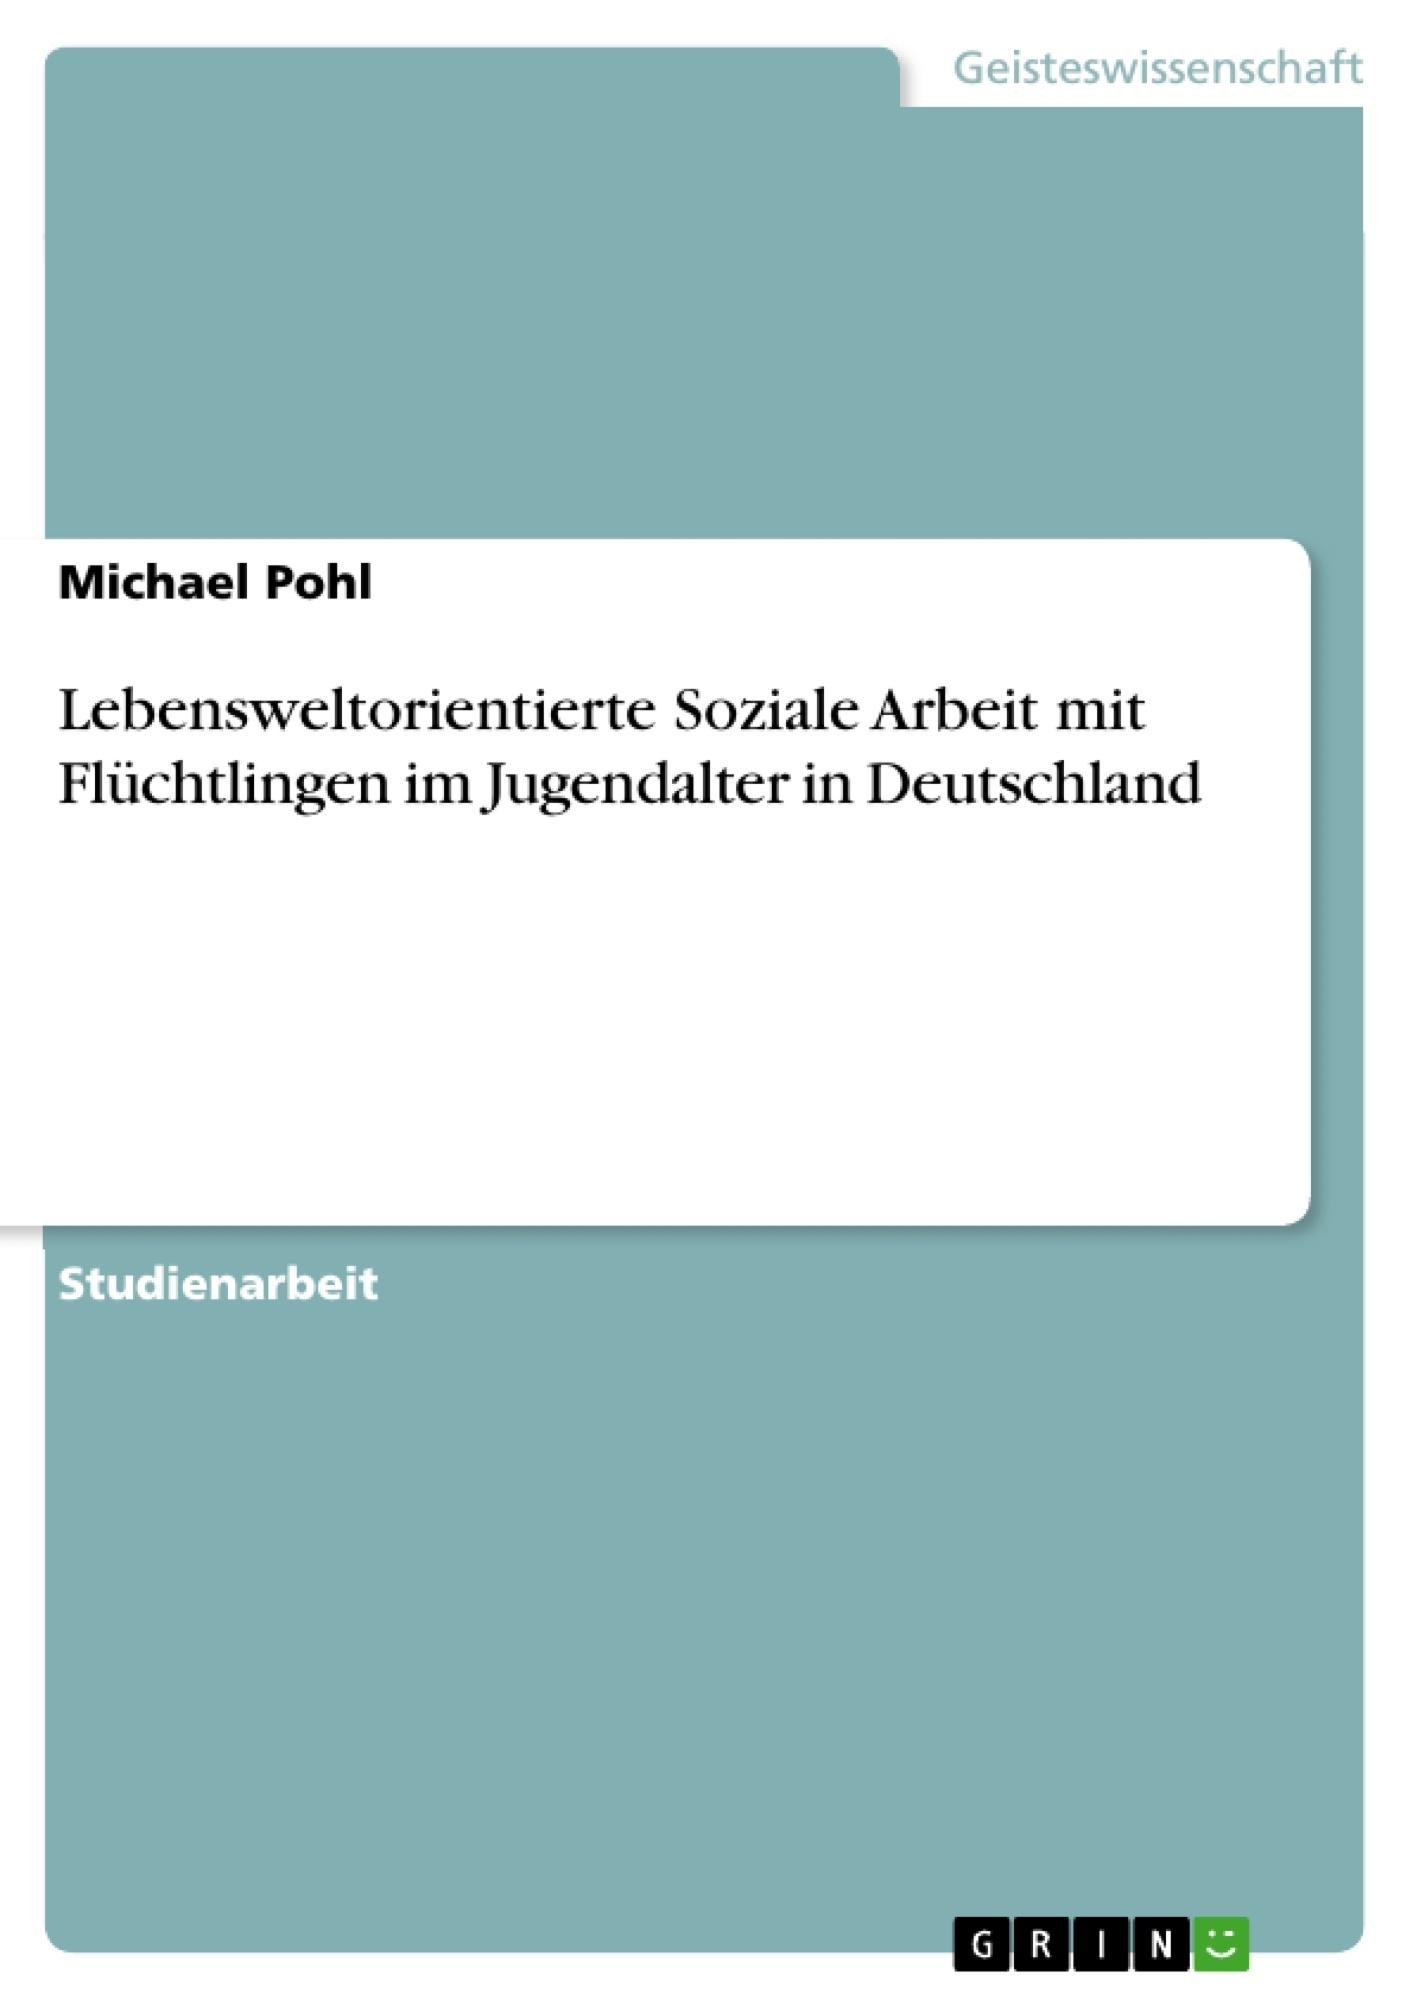 Titel: Lebensweltorientierte Soziale Arbeit mit Flüchtlingen im Jugendalter in Deutschland